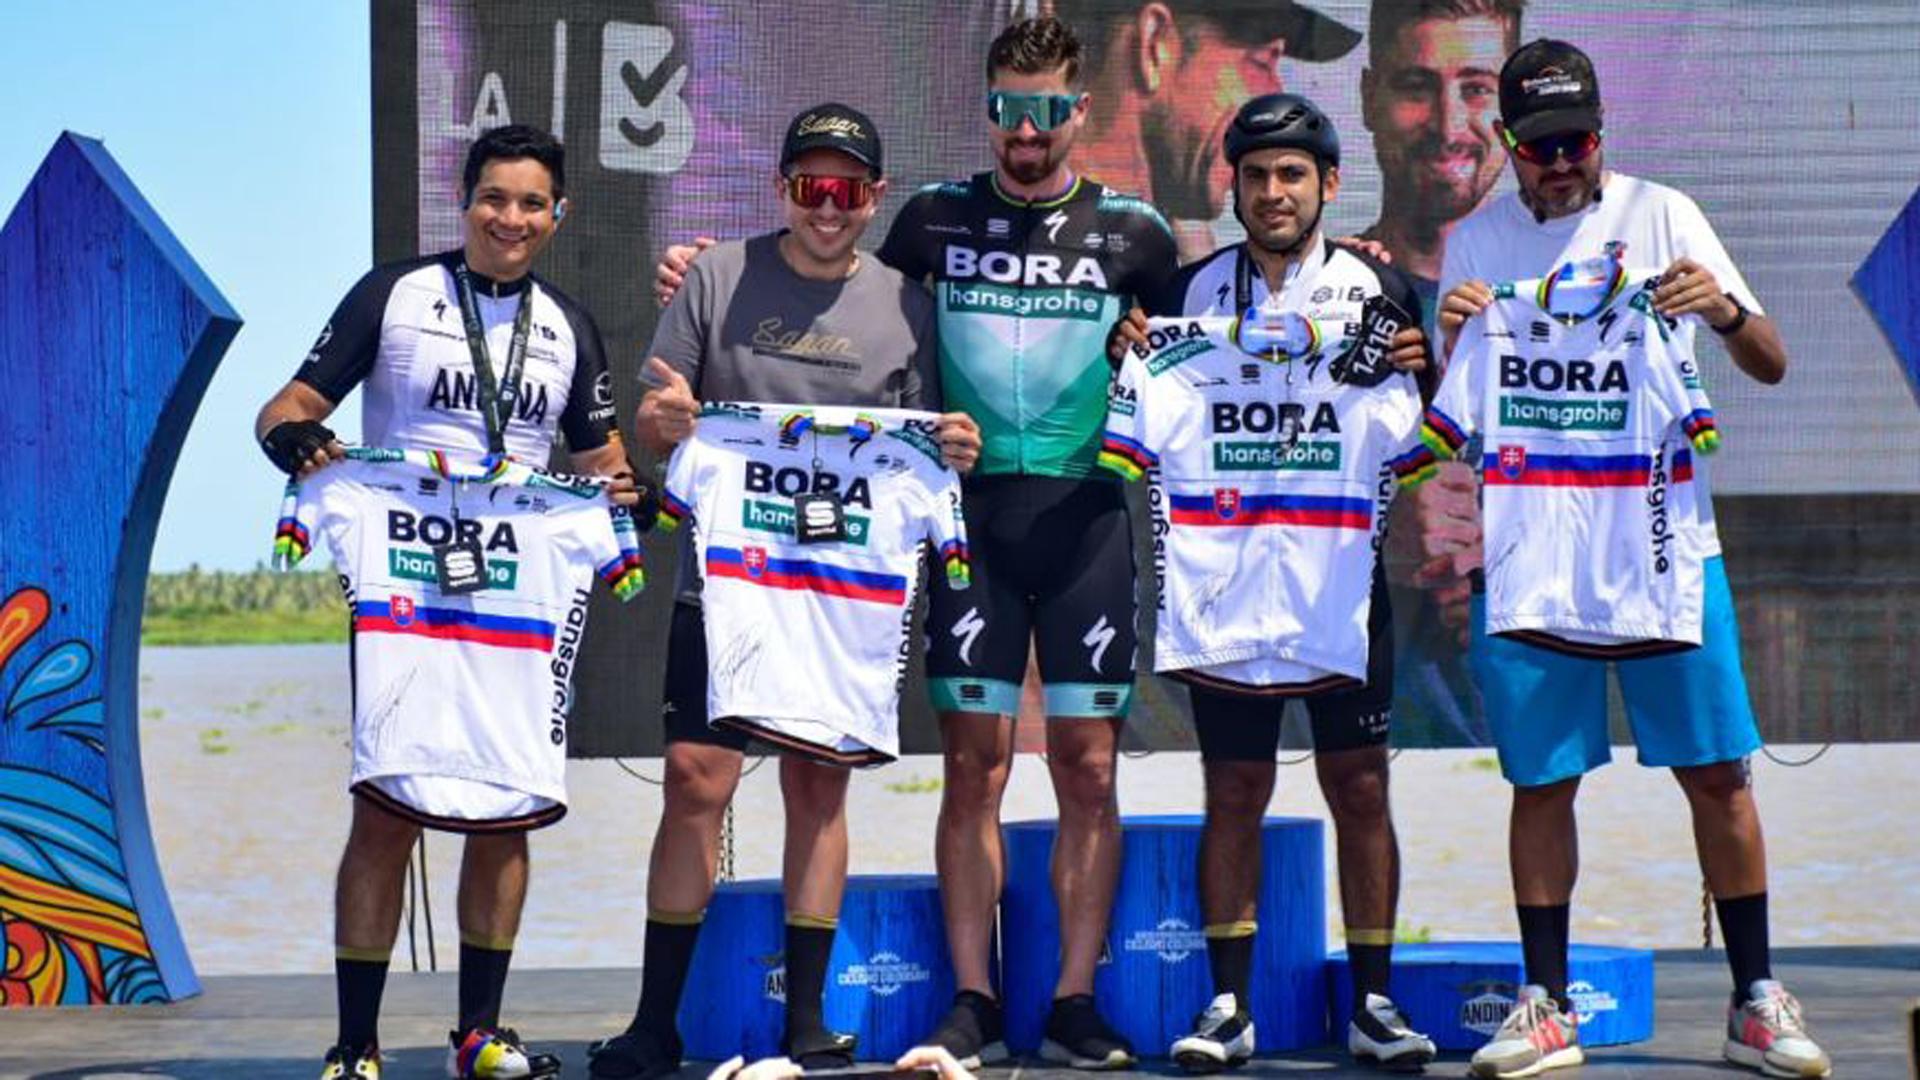 Sagan junto a otros ciclistas aficionados.